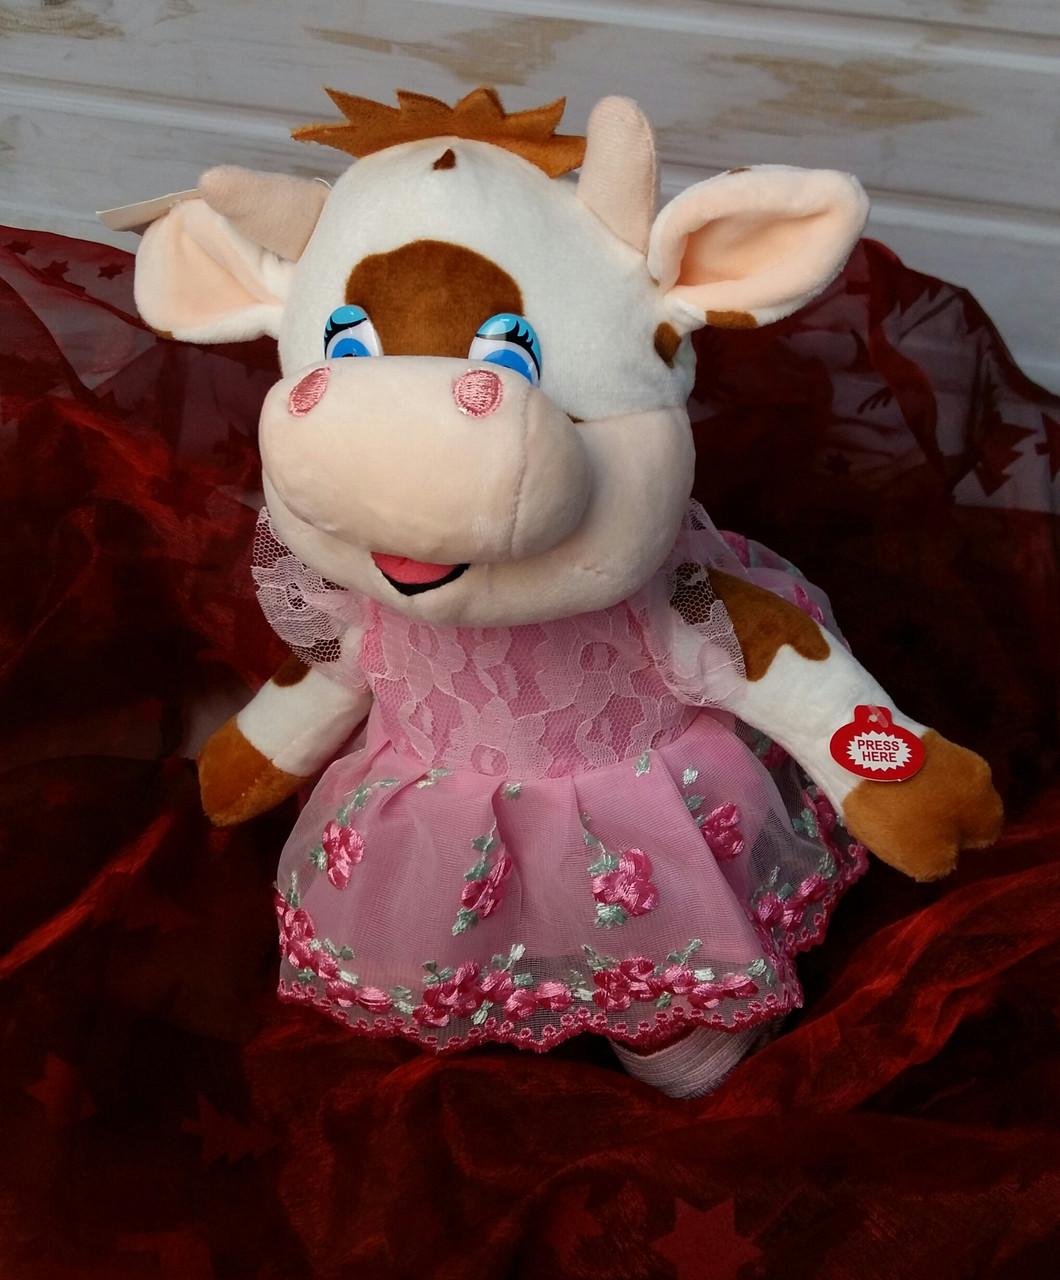 Мягкая музыкальная игрушка, бычок, 29см, поет песни на русском языке, на батарейках, ходит, в кульке C 43996